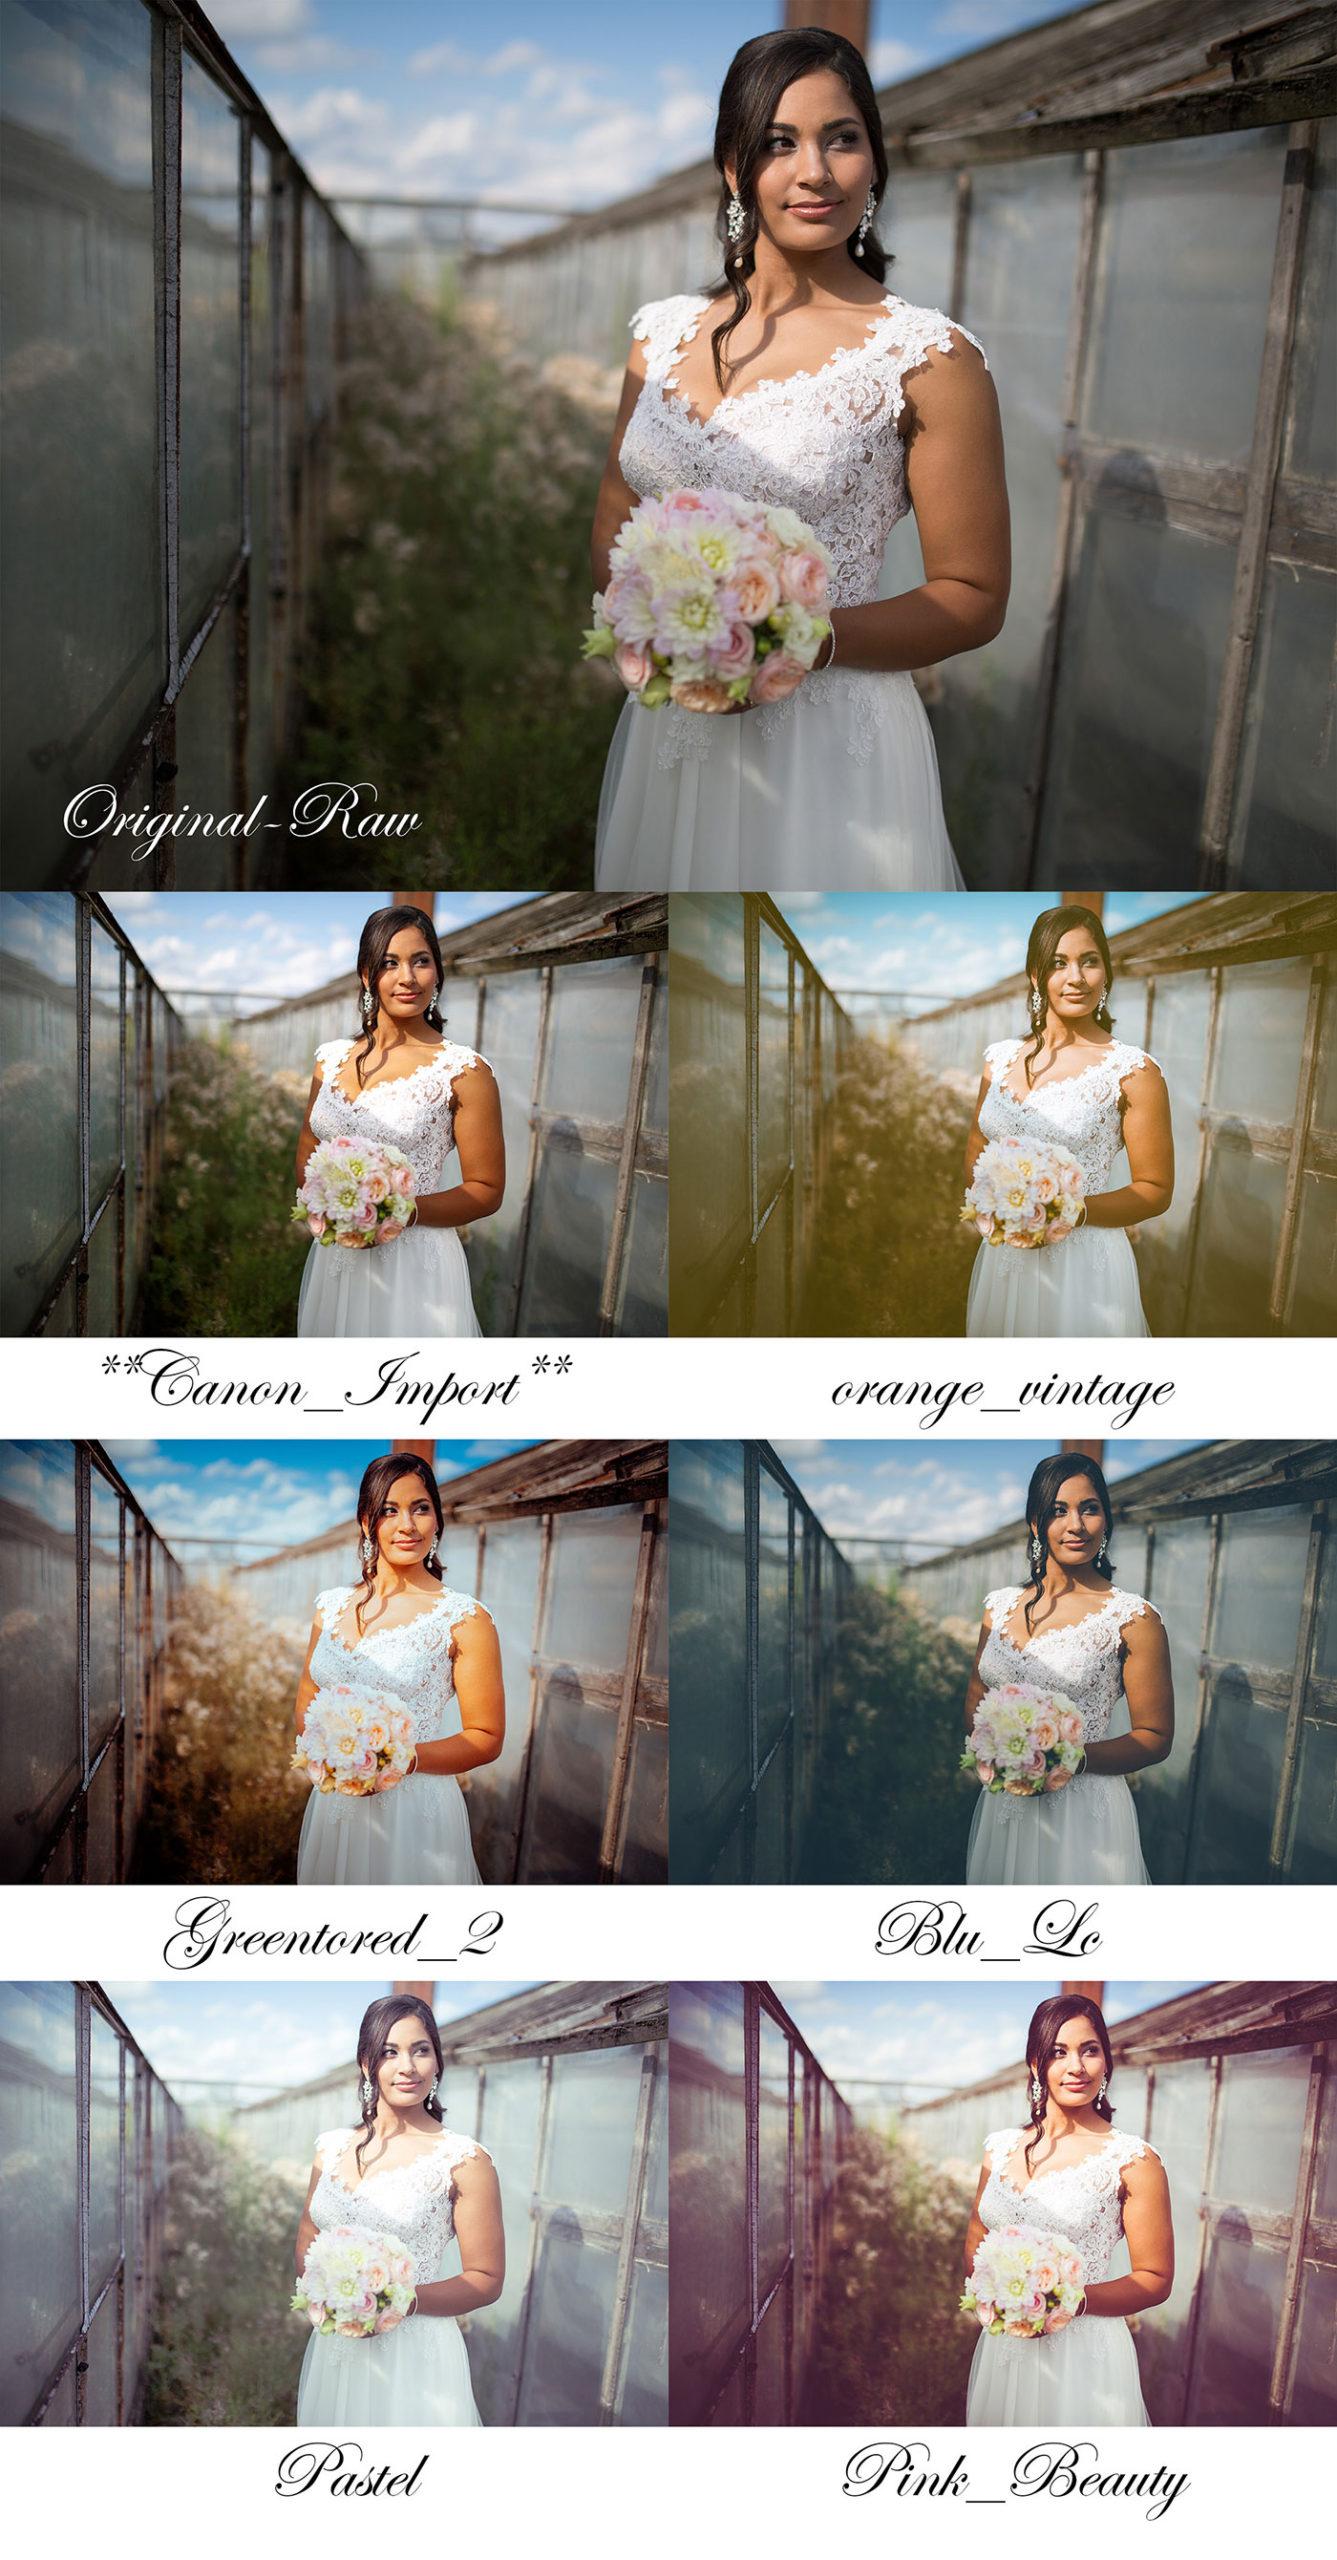 Mariella-Look-Bundle: Lightroom-Presets (24) - Mariella Vagabundo